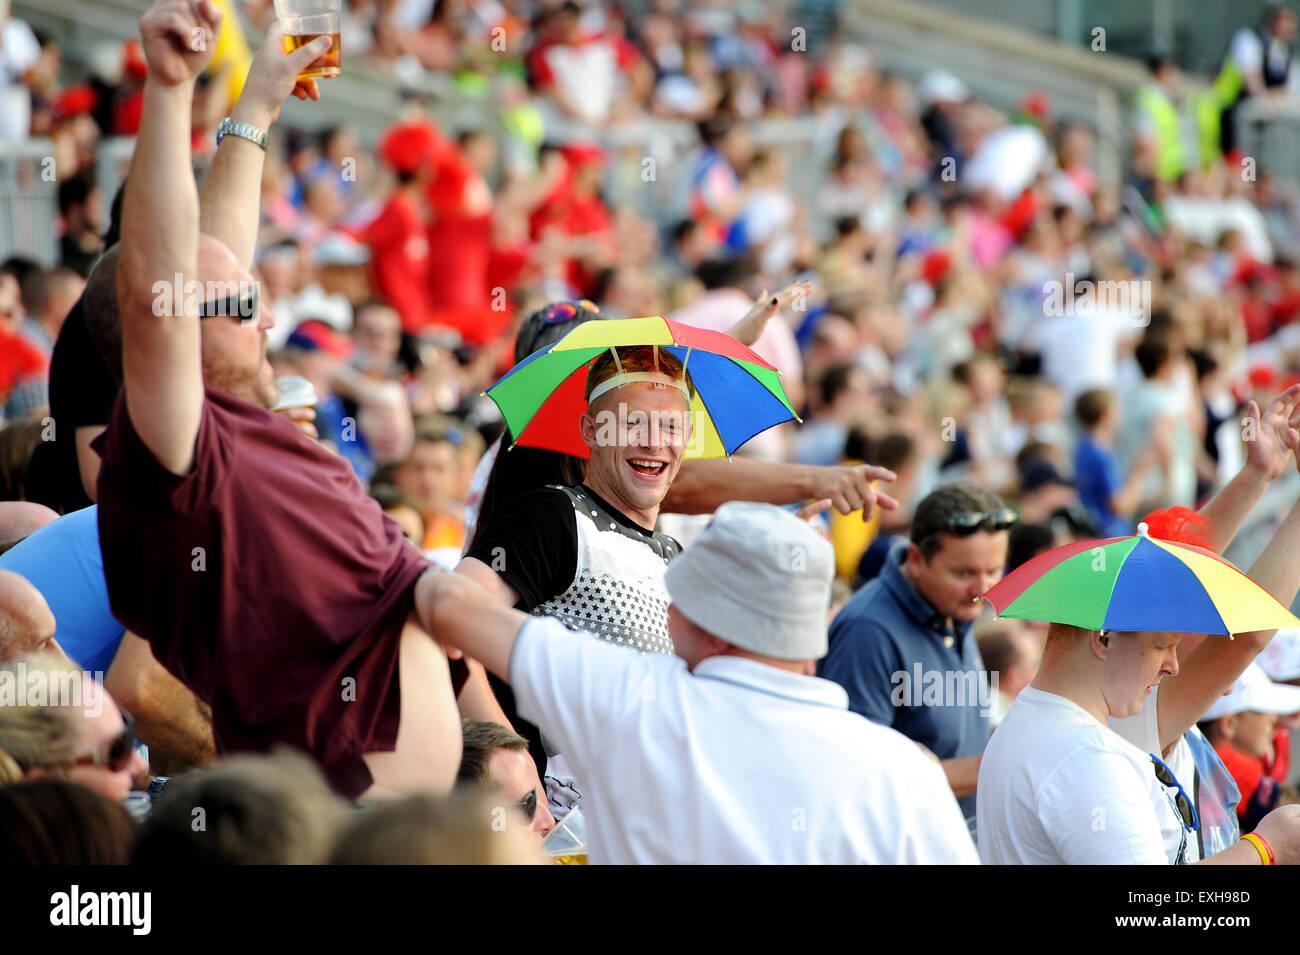 Ventole celebrando in mezzo alla folla a Emirates Old Trafford, Manchester, Inghilterra. T20 Blast partita di cricket Immagini Stock